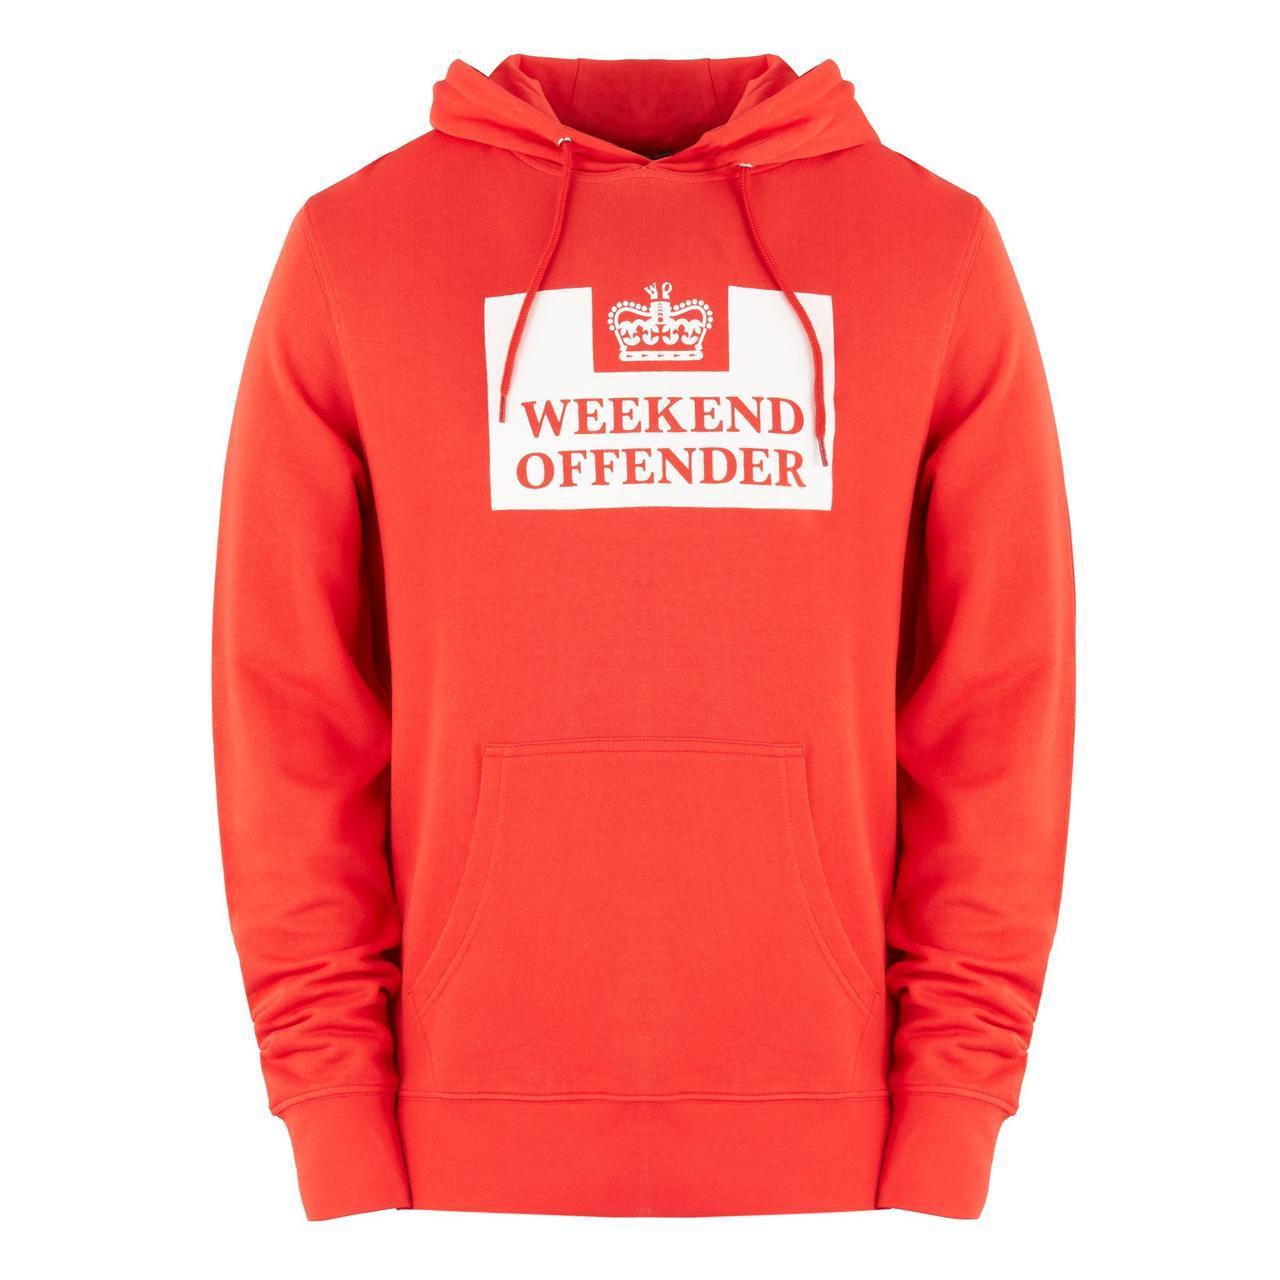 Худи Weekend Offender оранжевое с белым логотипом, унисекс (мужское, женское, детское)